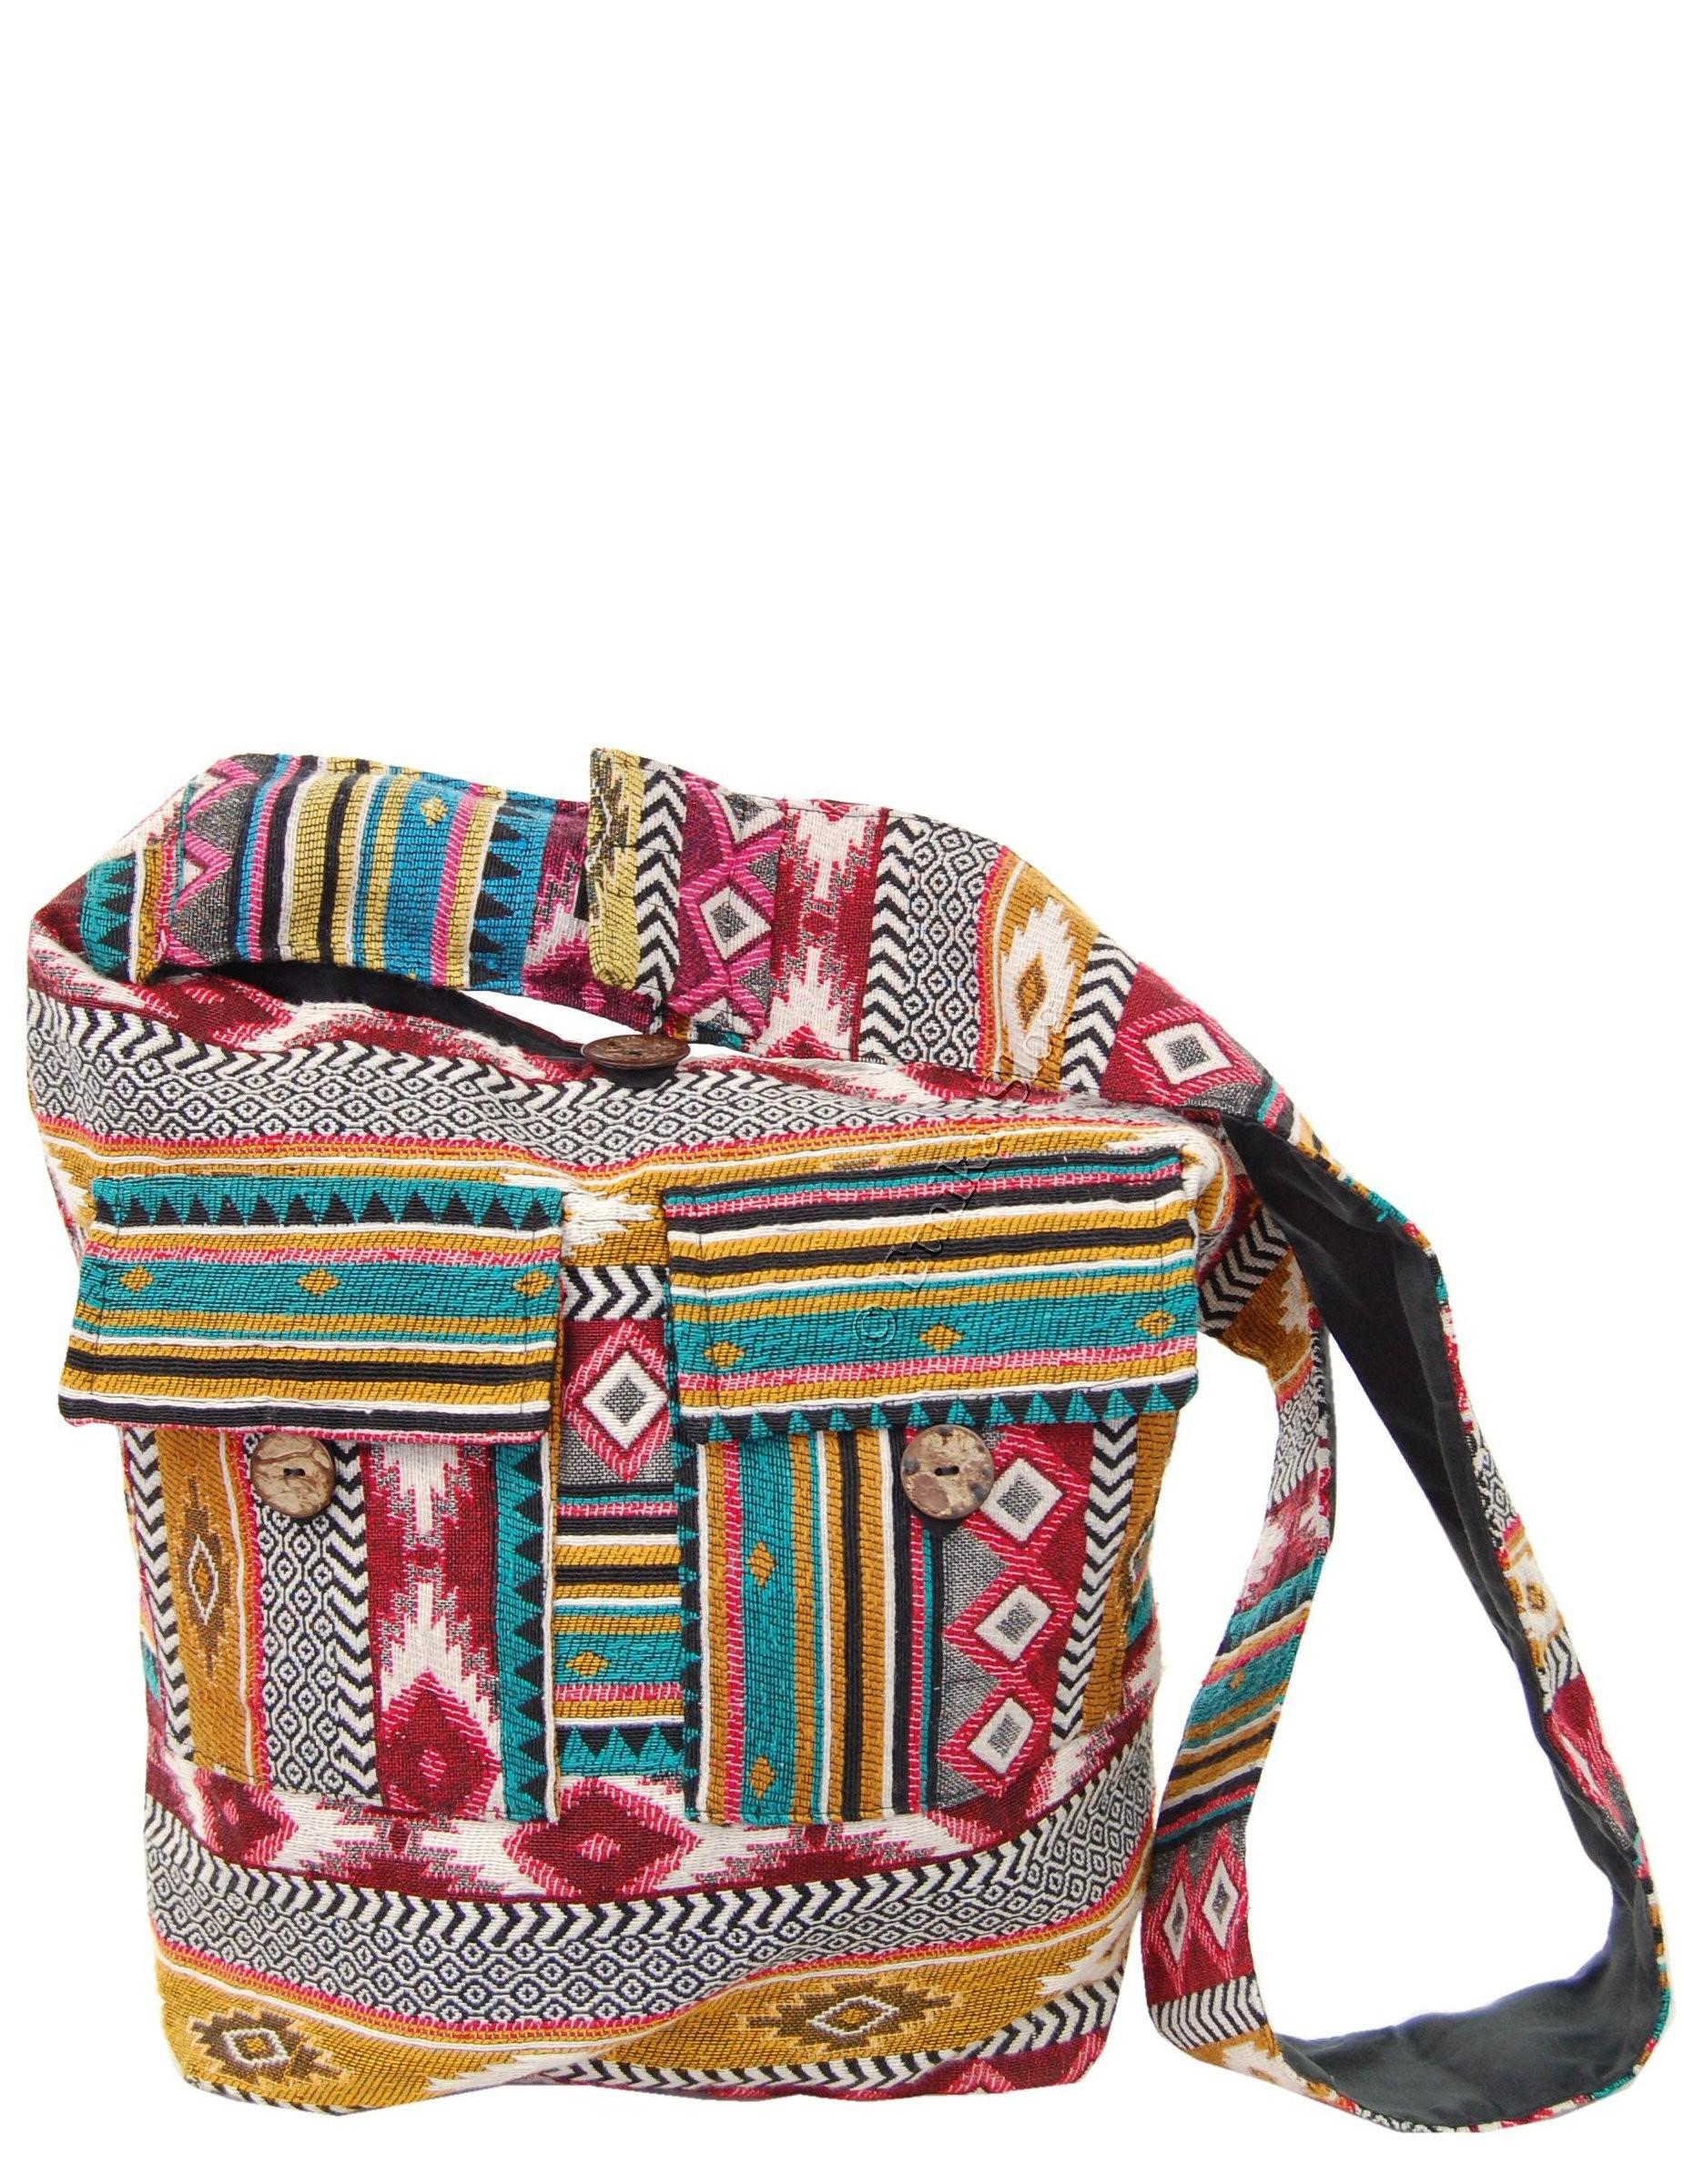 SHOULDER BAGS BS-IN71 - Etnika Slog d.o.o.